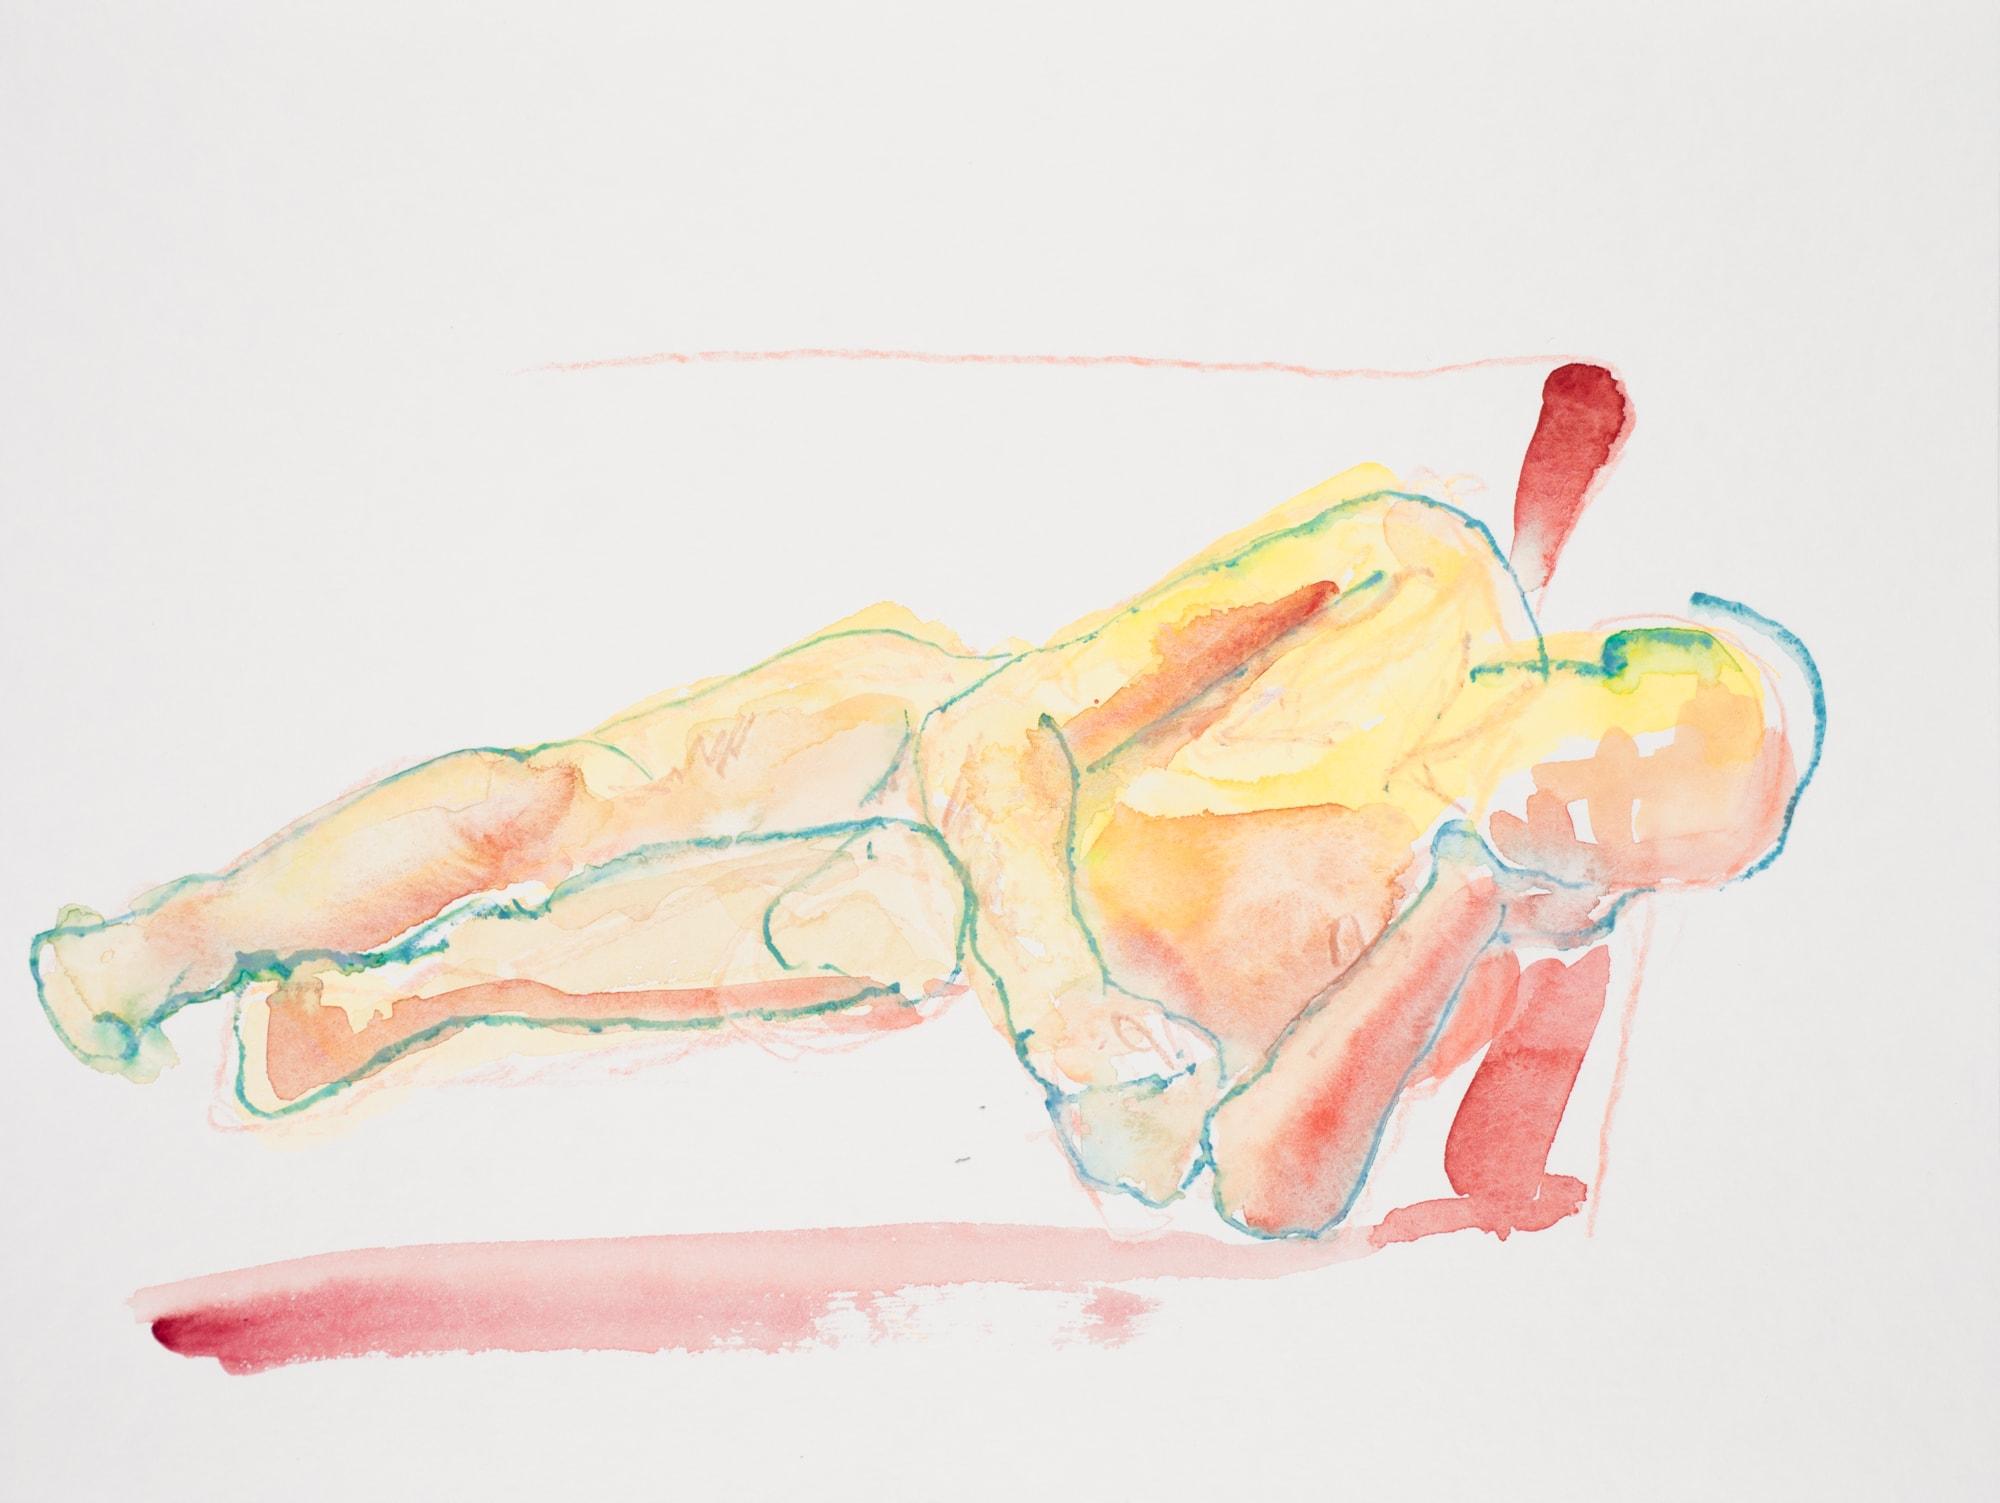 Zeichnung, Aquarell und Farbstift auf Papier, 32x24cm,Männerakt, Künstlerin: Franziska King